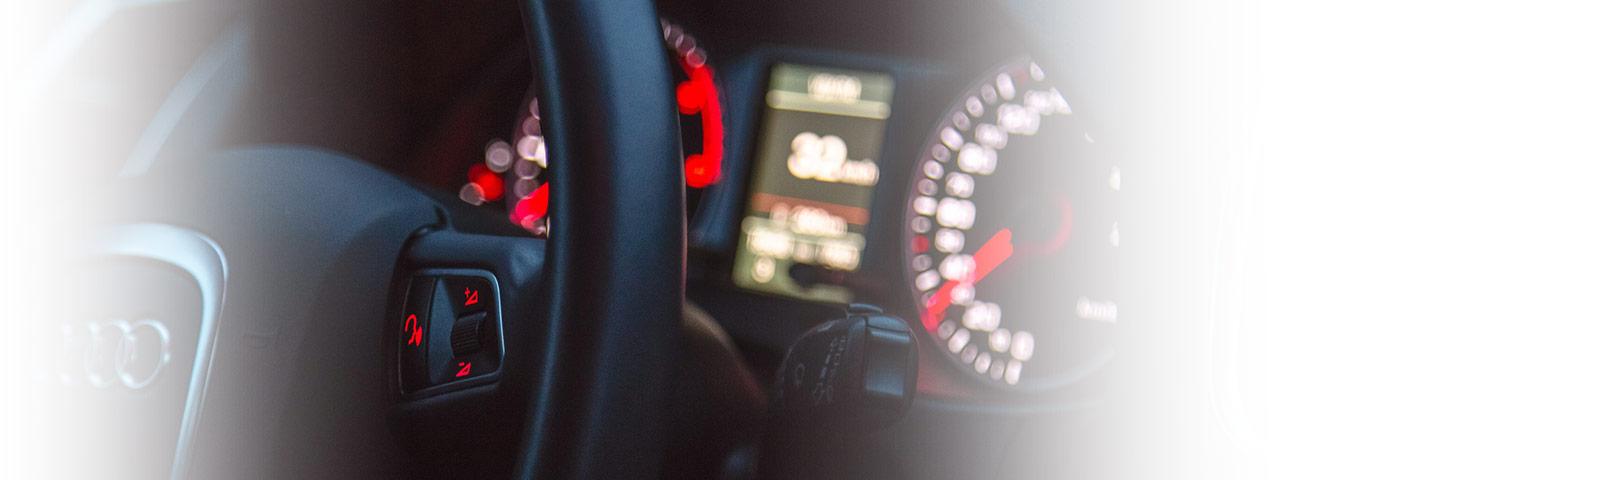 Europcar Gutscheine